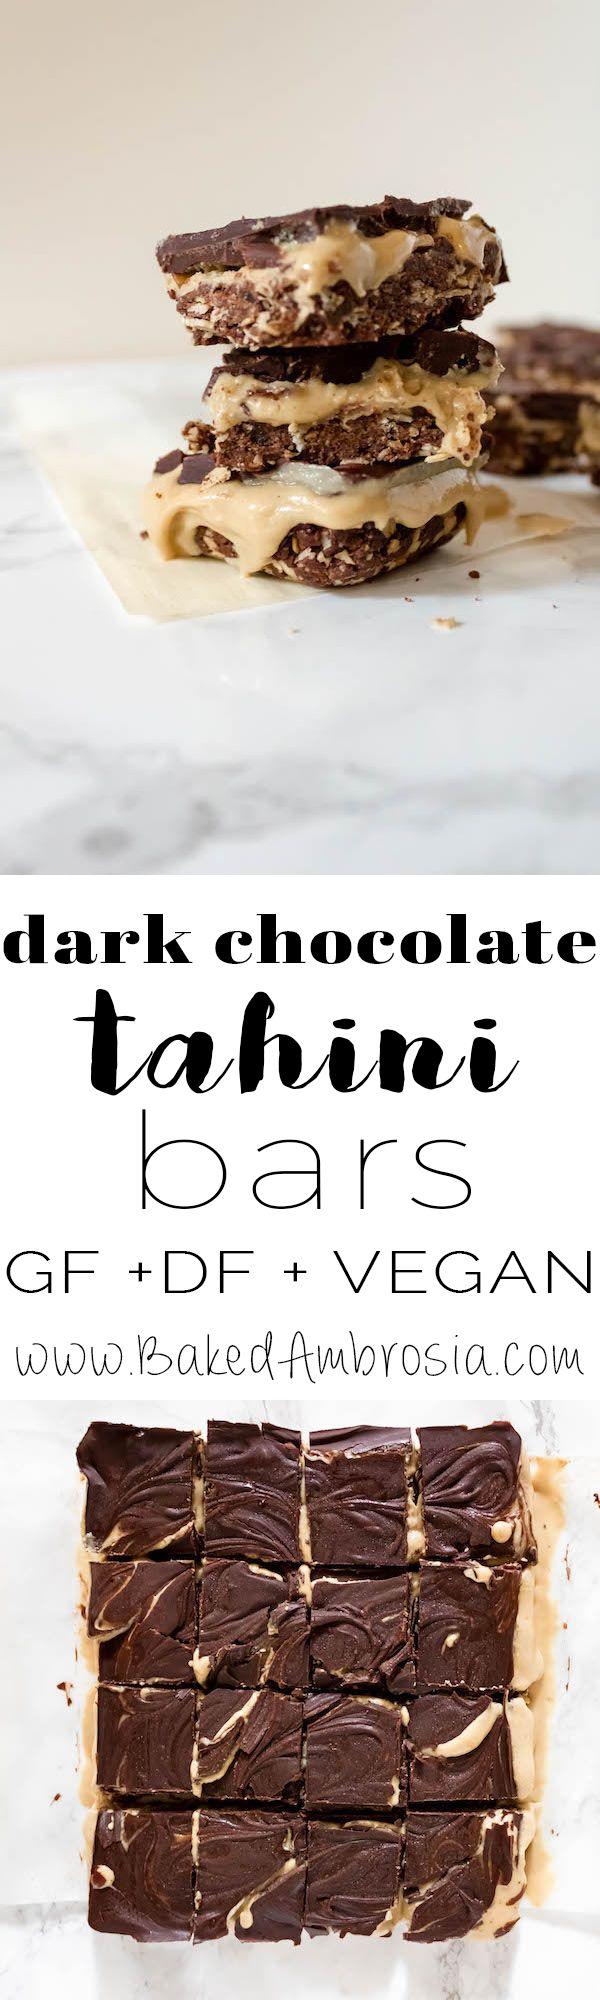 Dark Chocolate Gluten